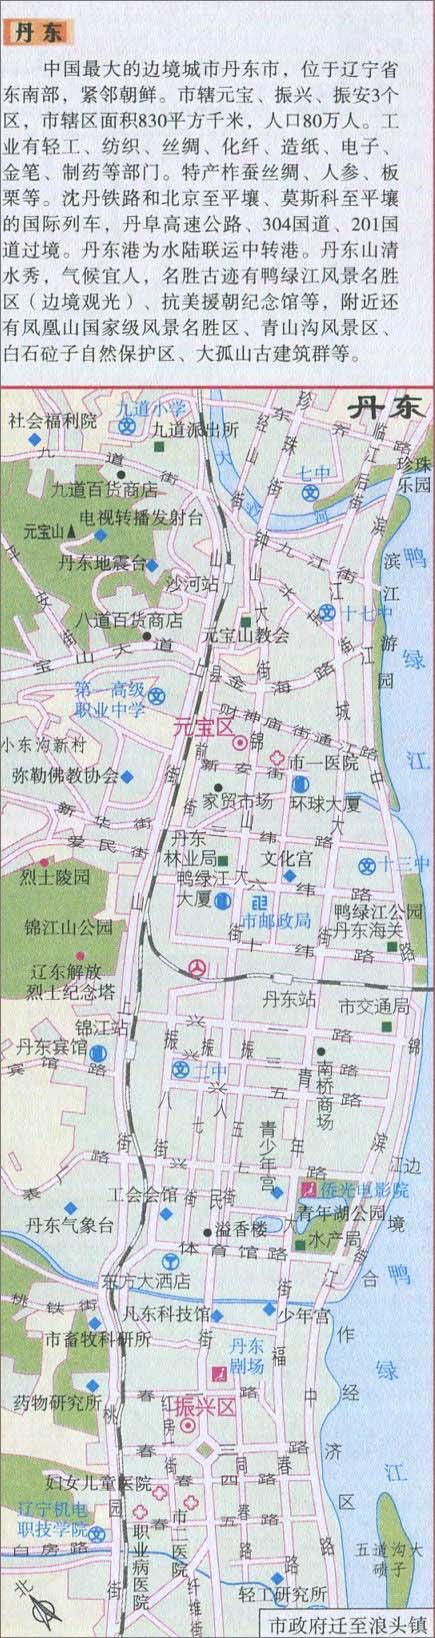 丹东城区旅游地图